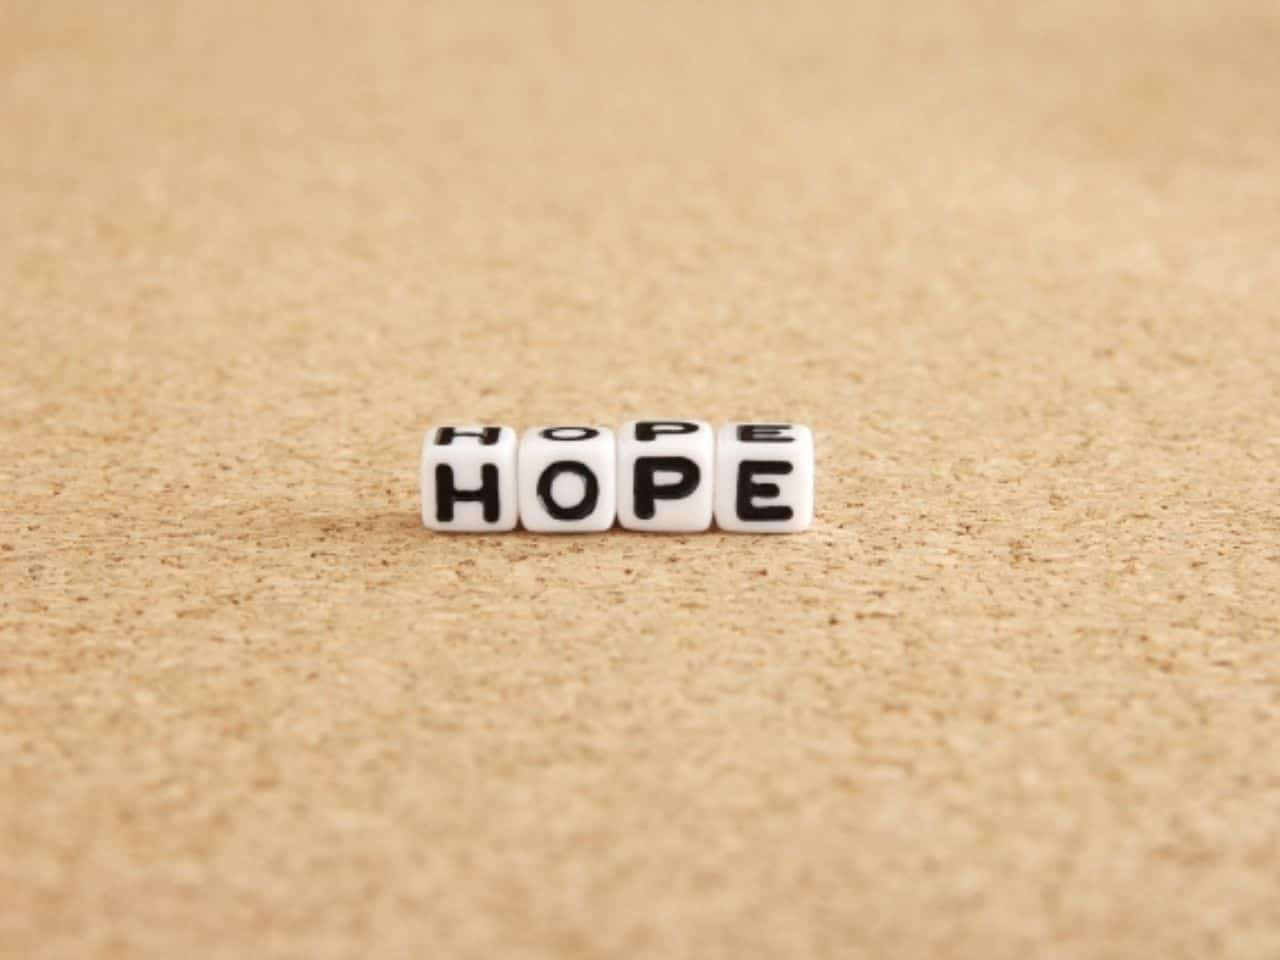 HOPEと書かれたサイコロ